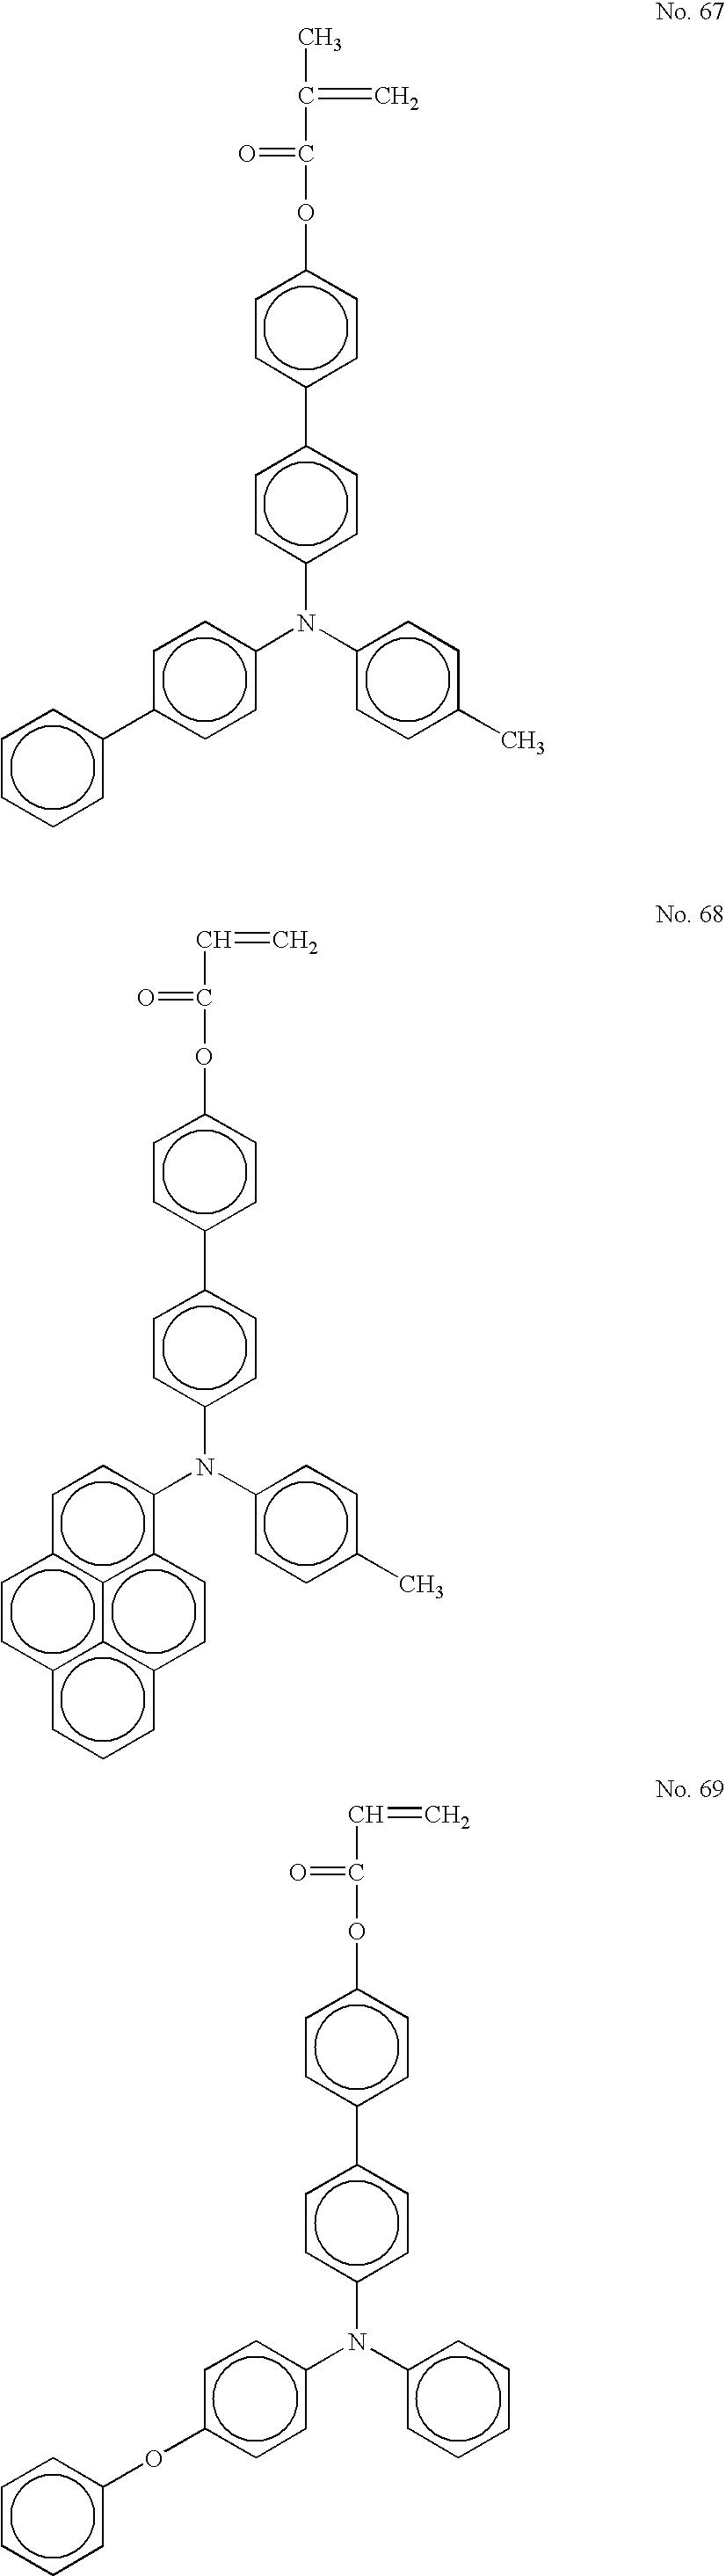 Figure US07361438-20080422-C00030